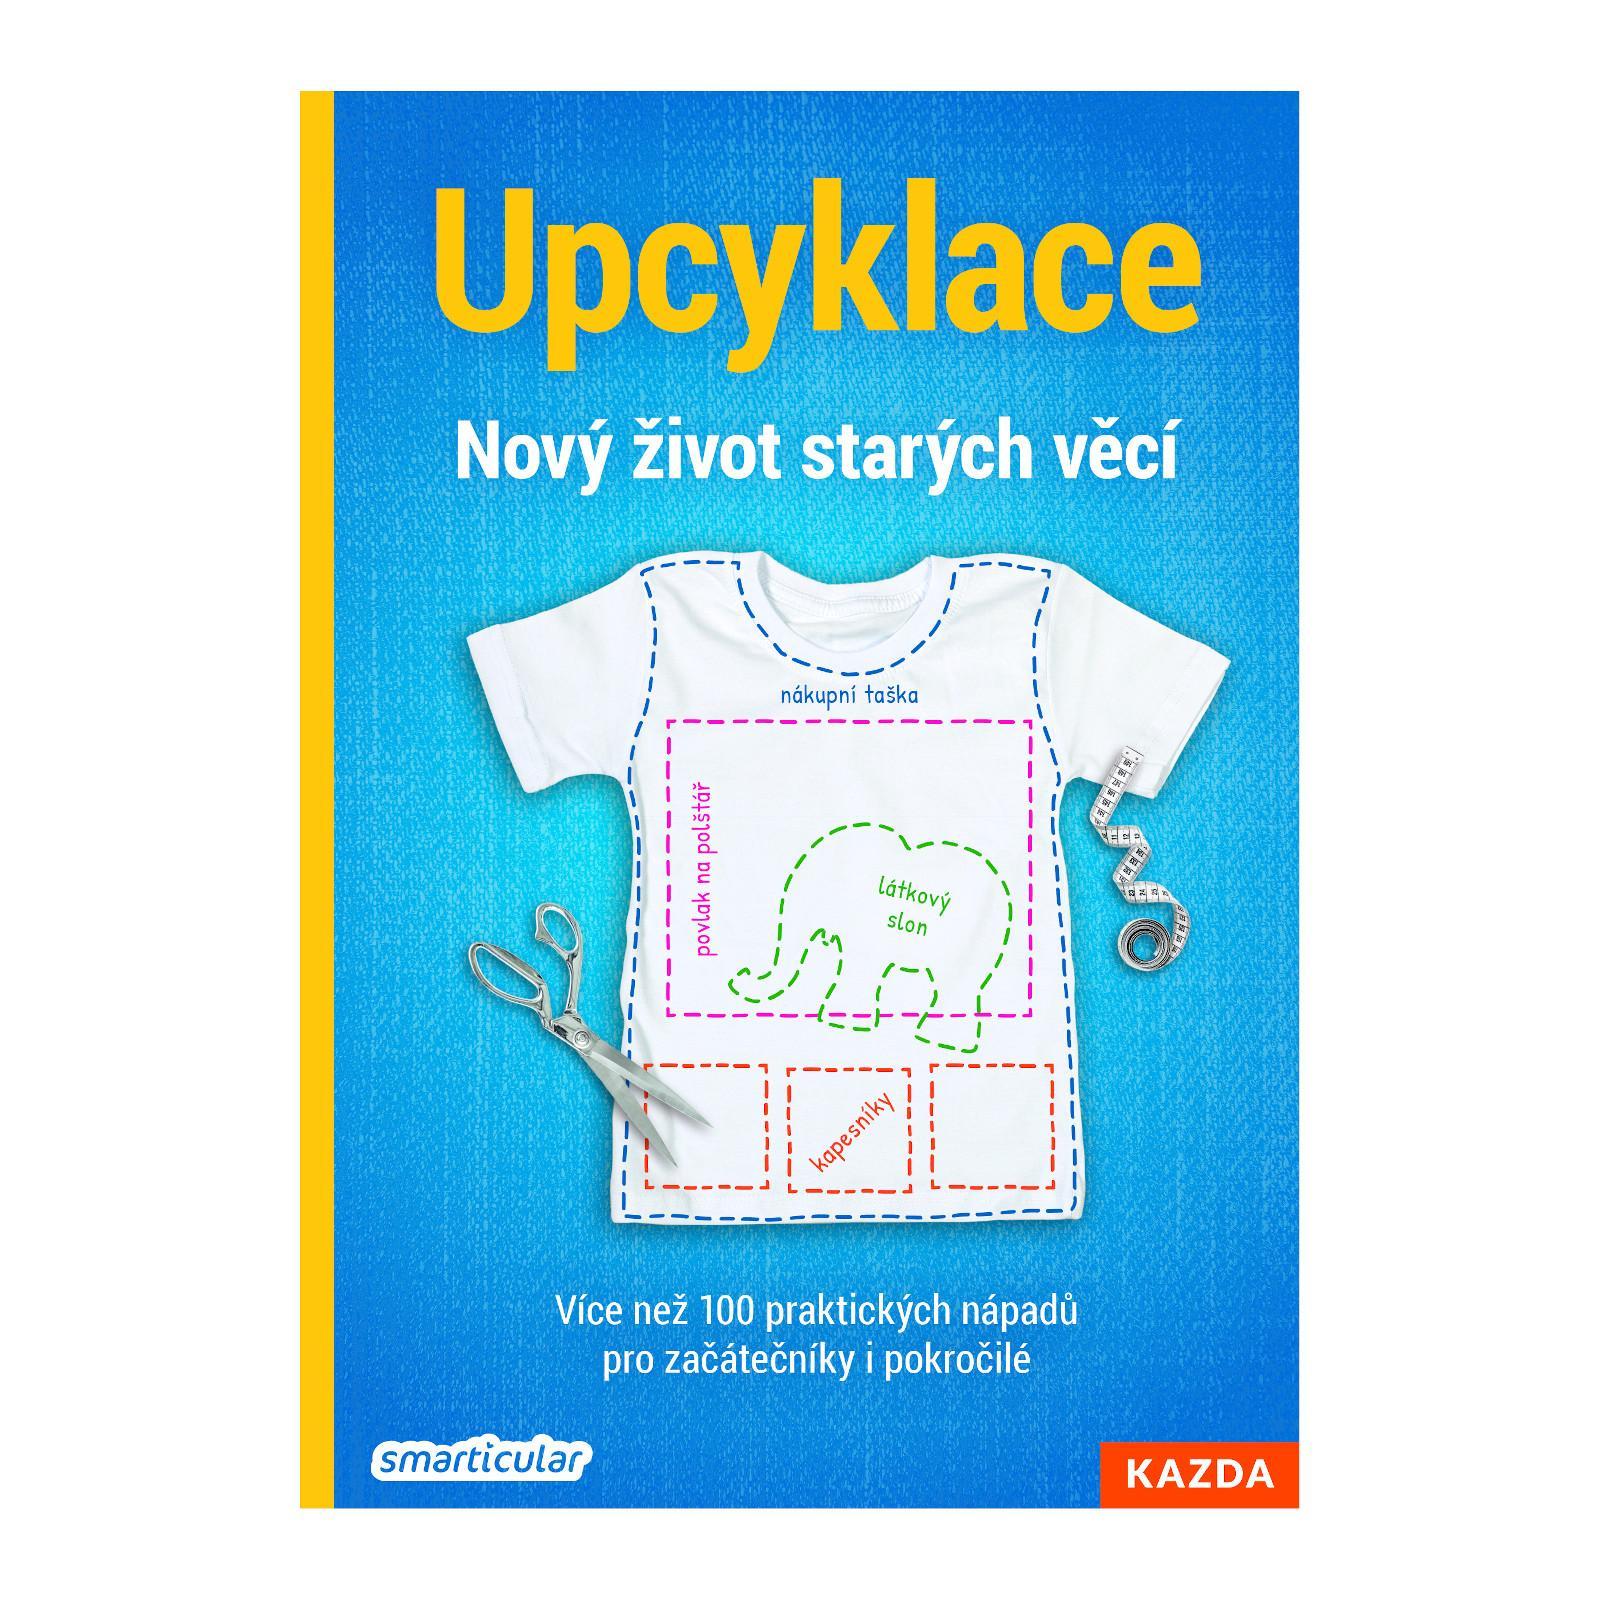 Nakladatelství Kazda Smarticular: UPCYKLACE - Nový život starých věcí 208 stran